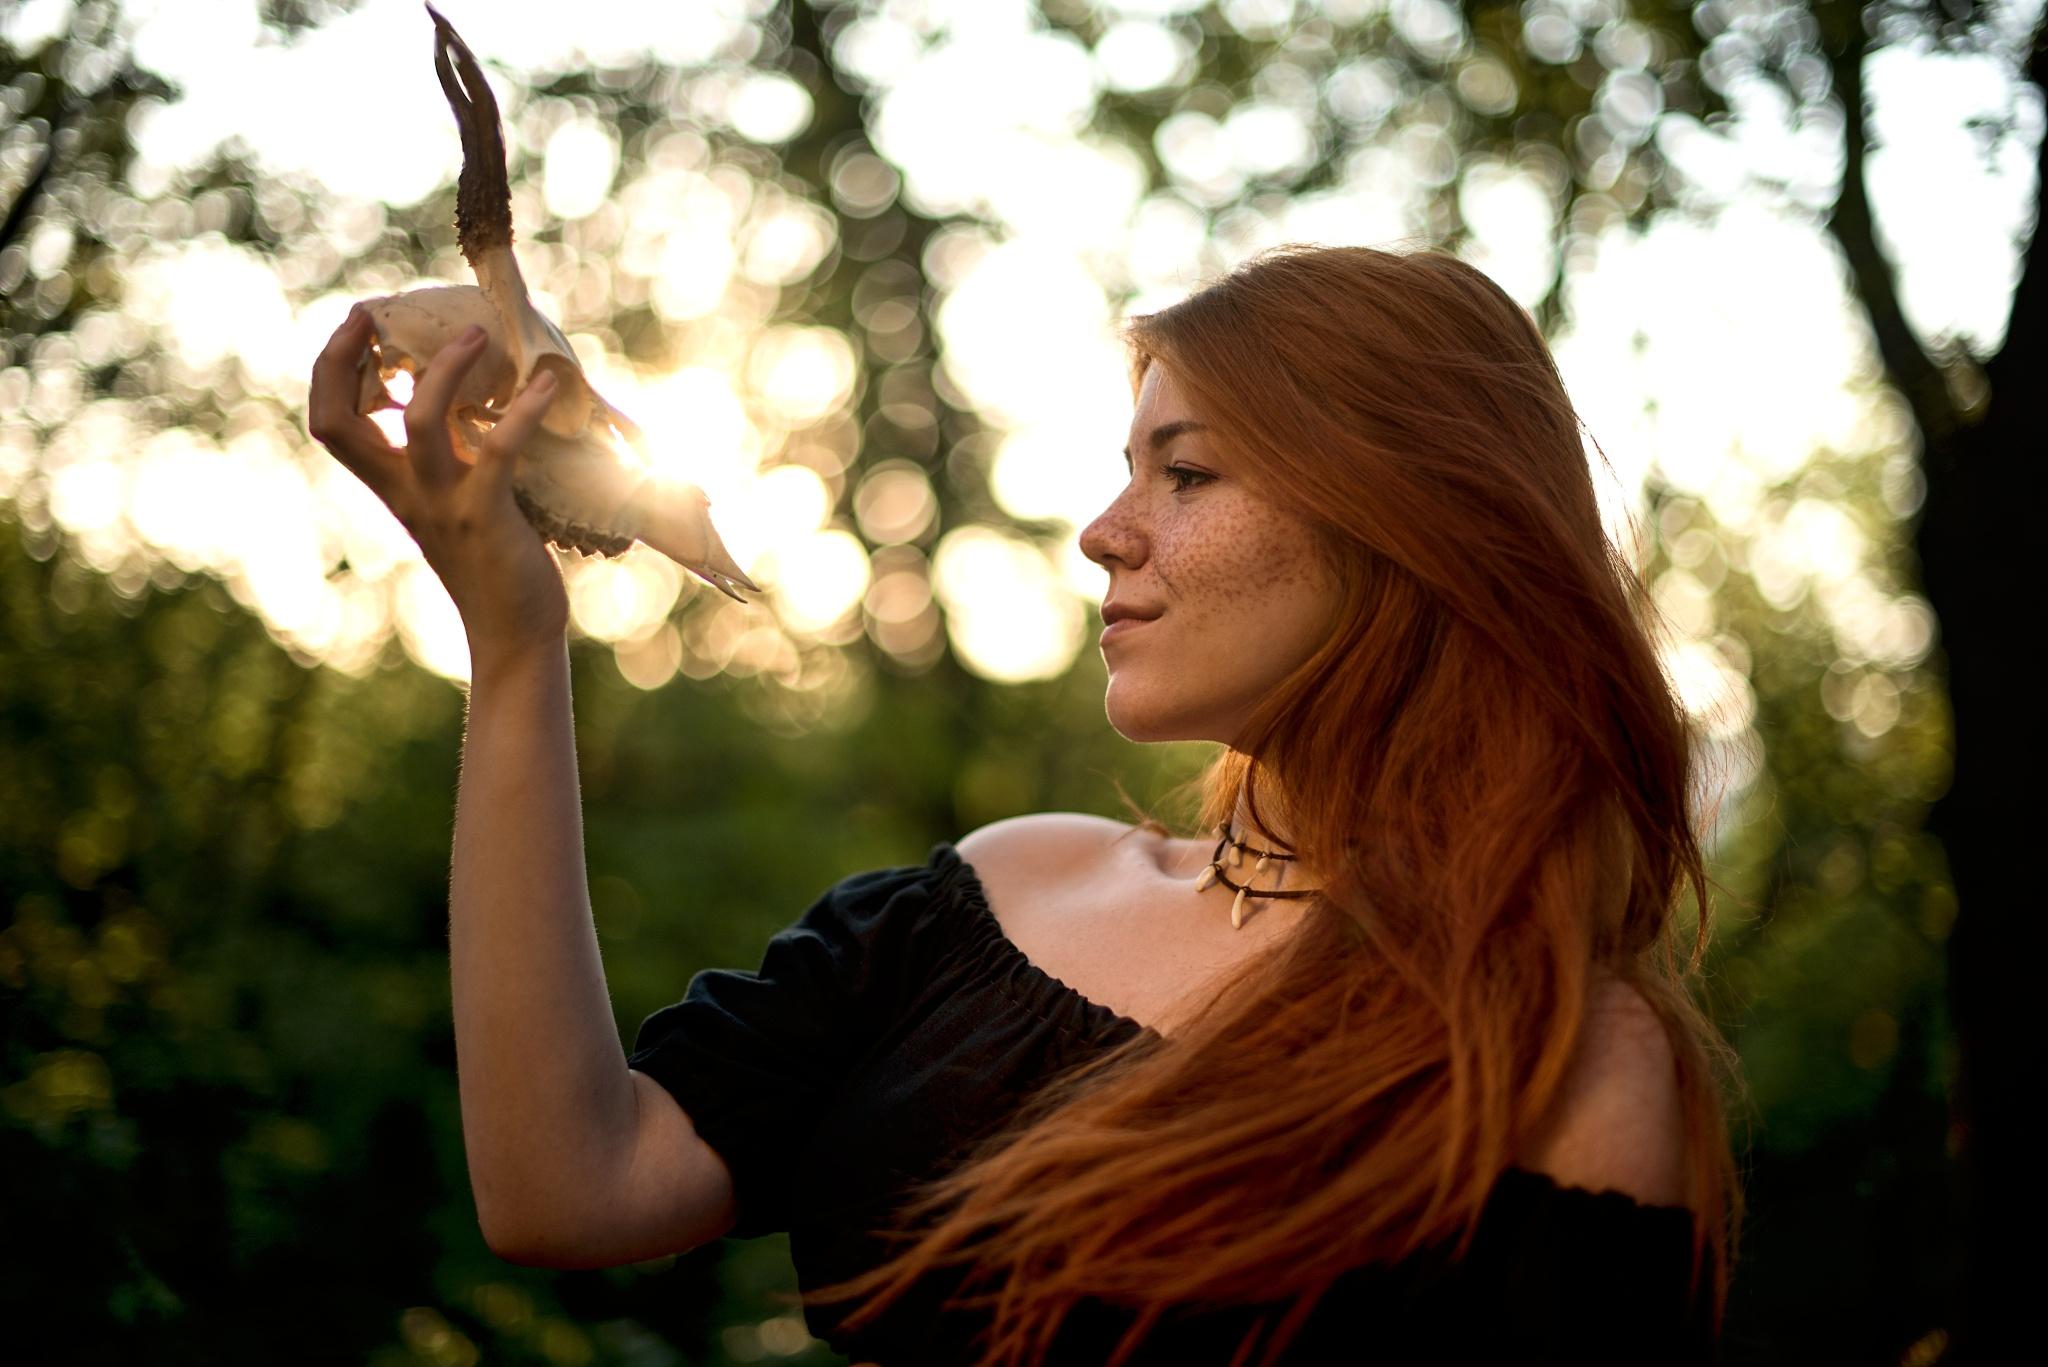 Zlatá hodinka, květiny a koupání: Přečtěte si, co a jak fotit v létě protisvětlo